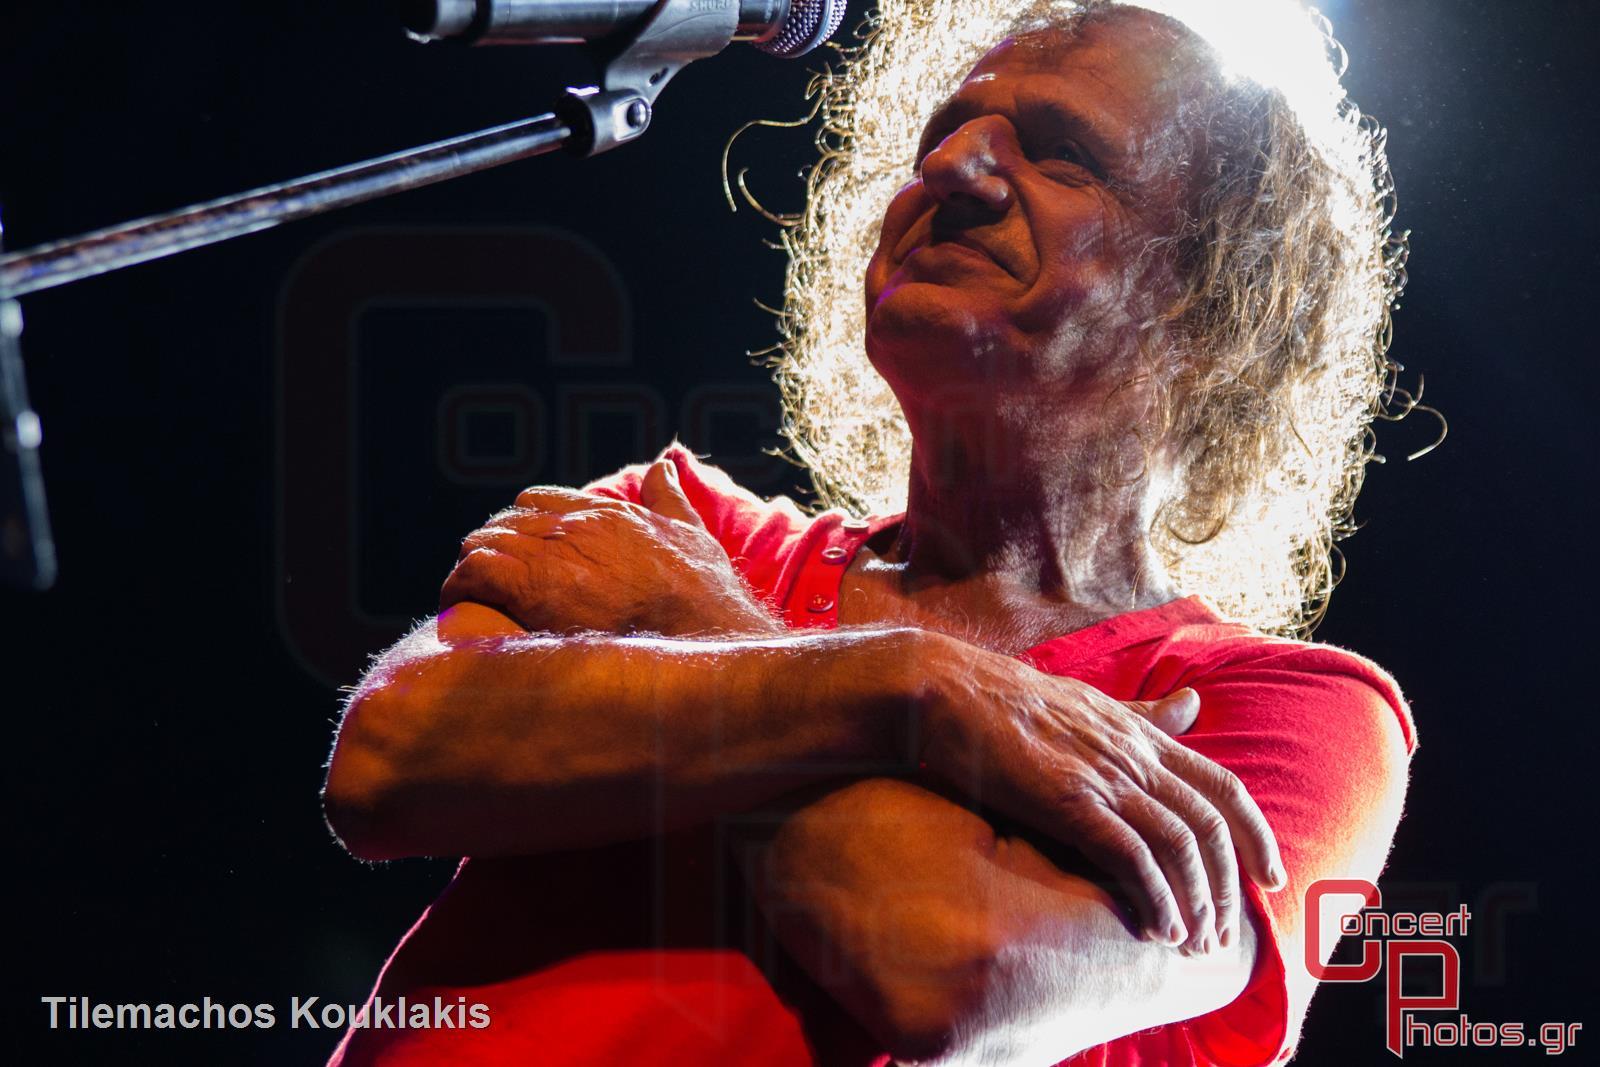 Βασίλης Παπακωνσταντίνου - 40 Χρόνια Έφηβος-Vasilis Papakonstantinou 40 Chronia Efivos photographer: Tilemachos Kouklakis - concertphotos_-5213